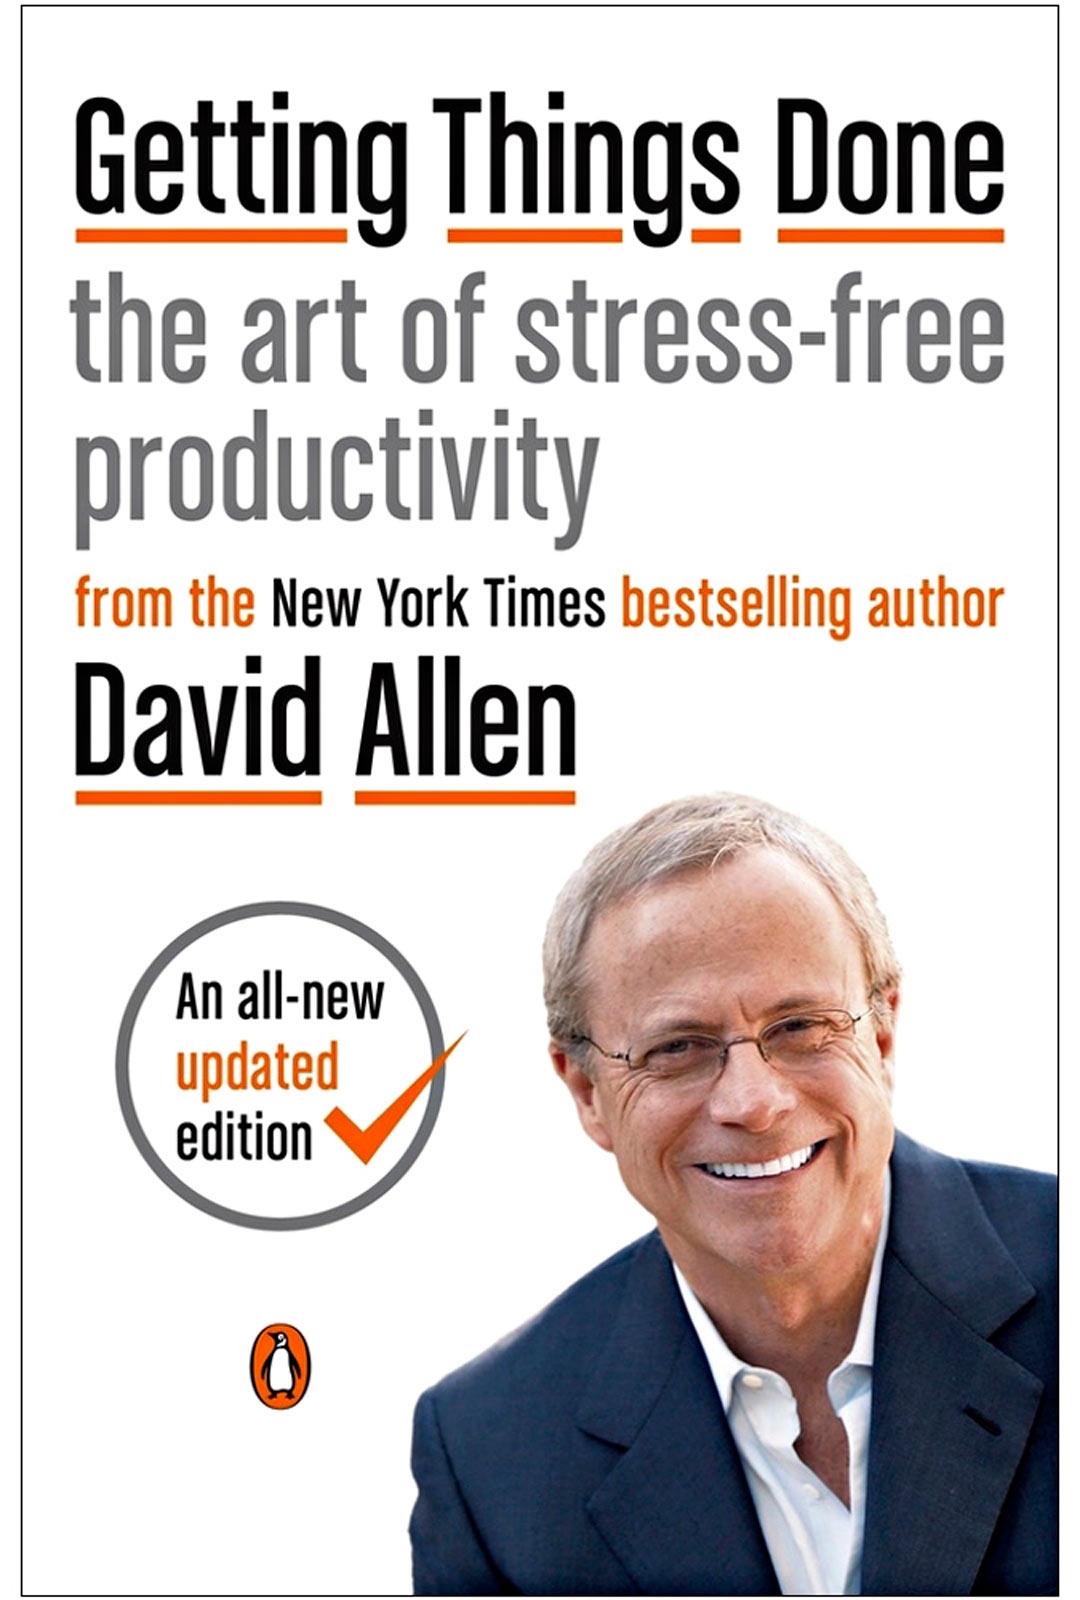 GTD on David Allenin kehittämä tuottavuuden ja tietotyön toiminnanohjausmenetelmä.